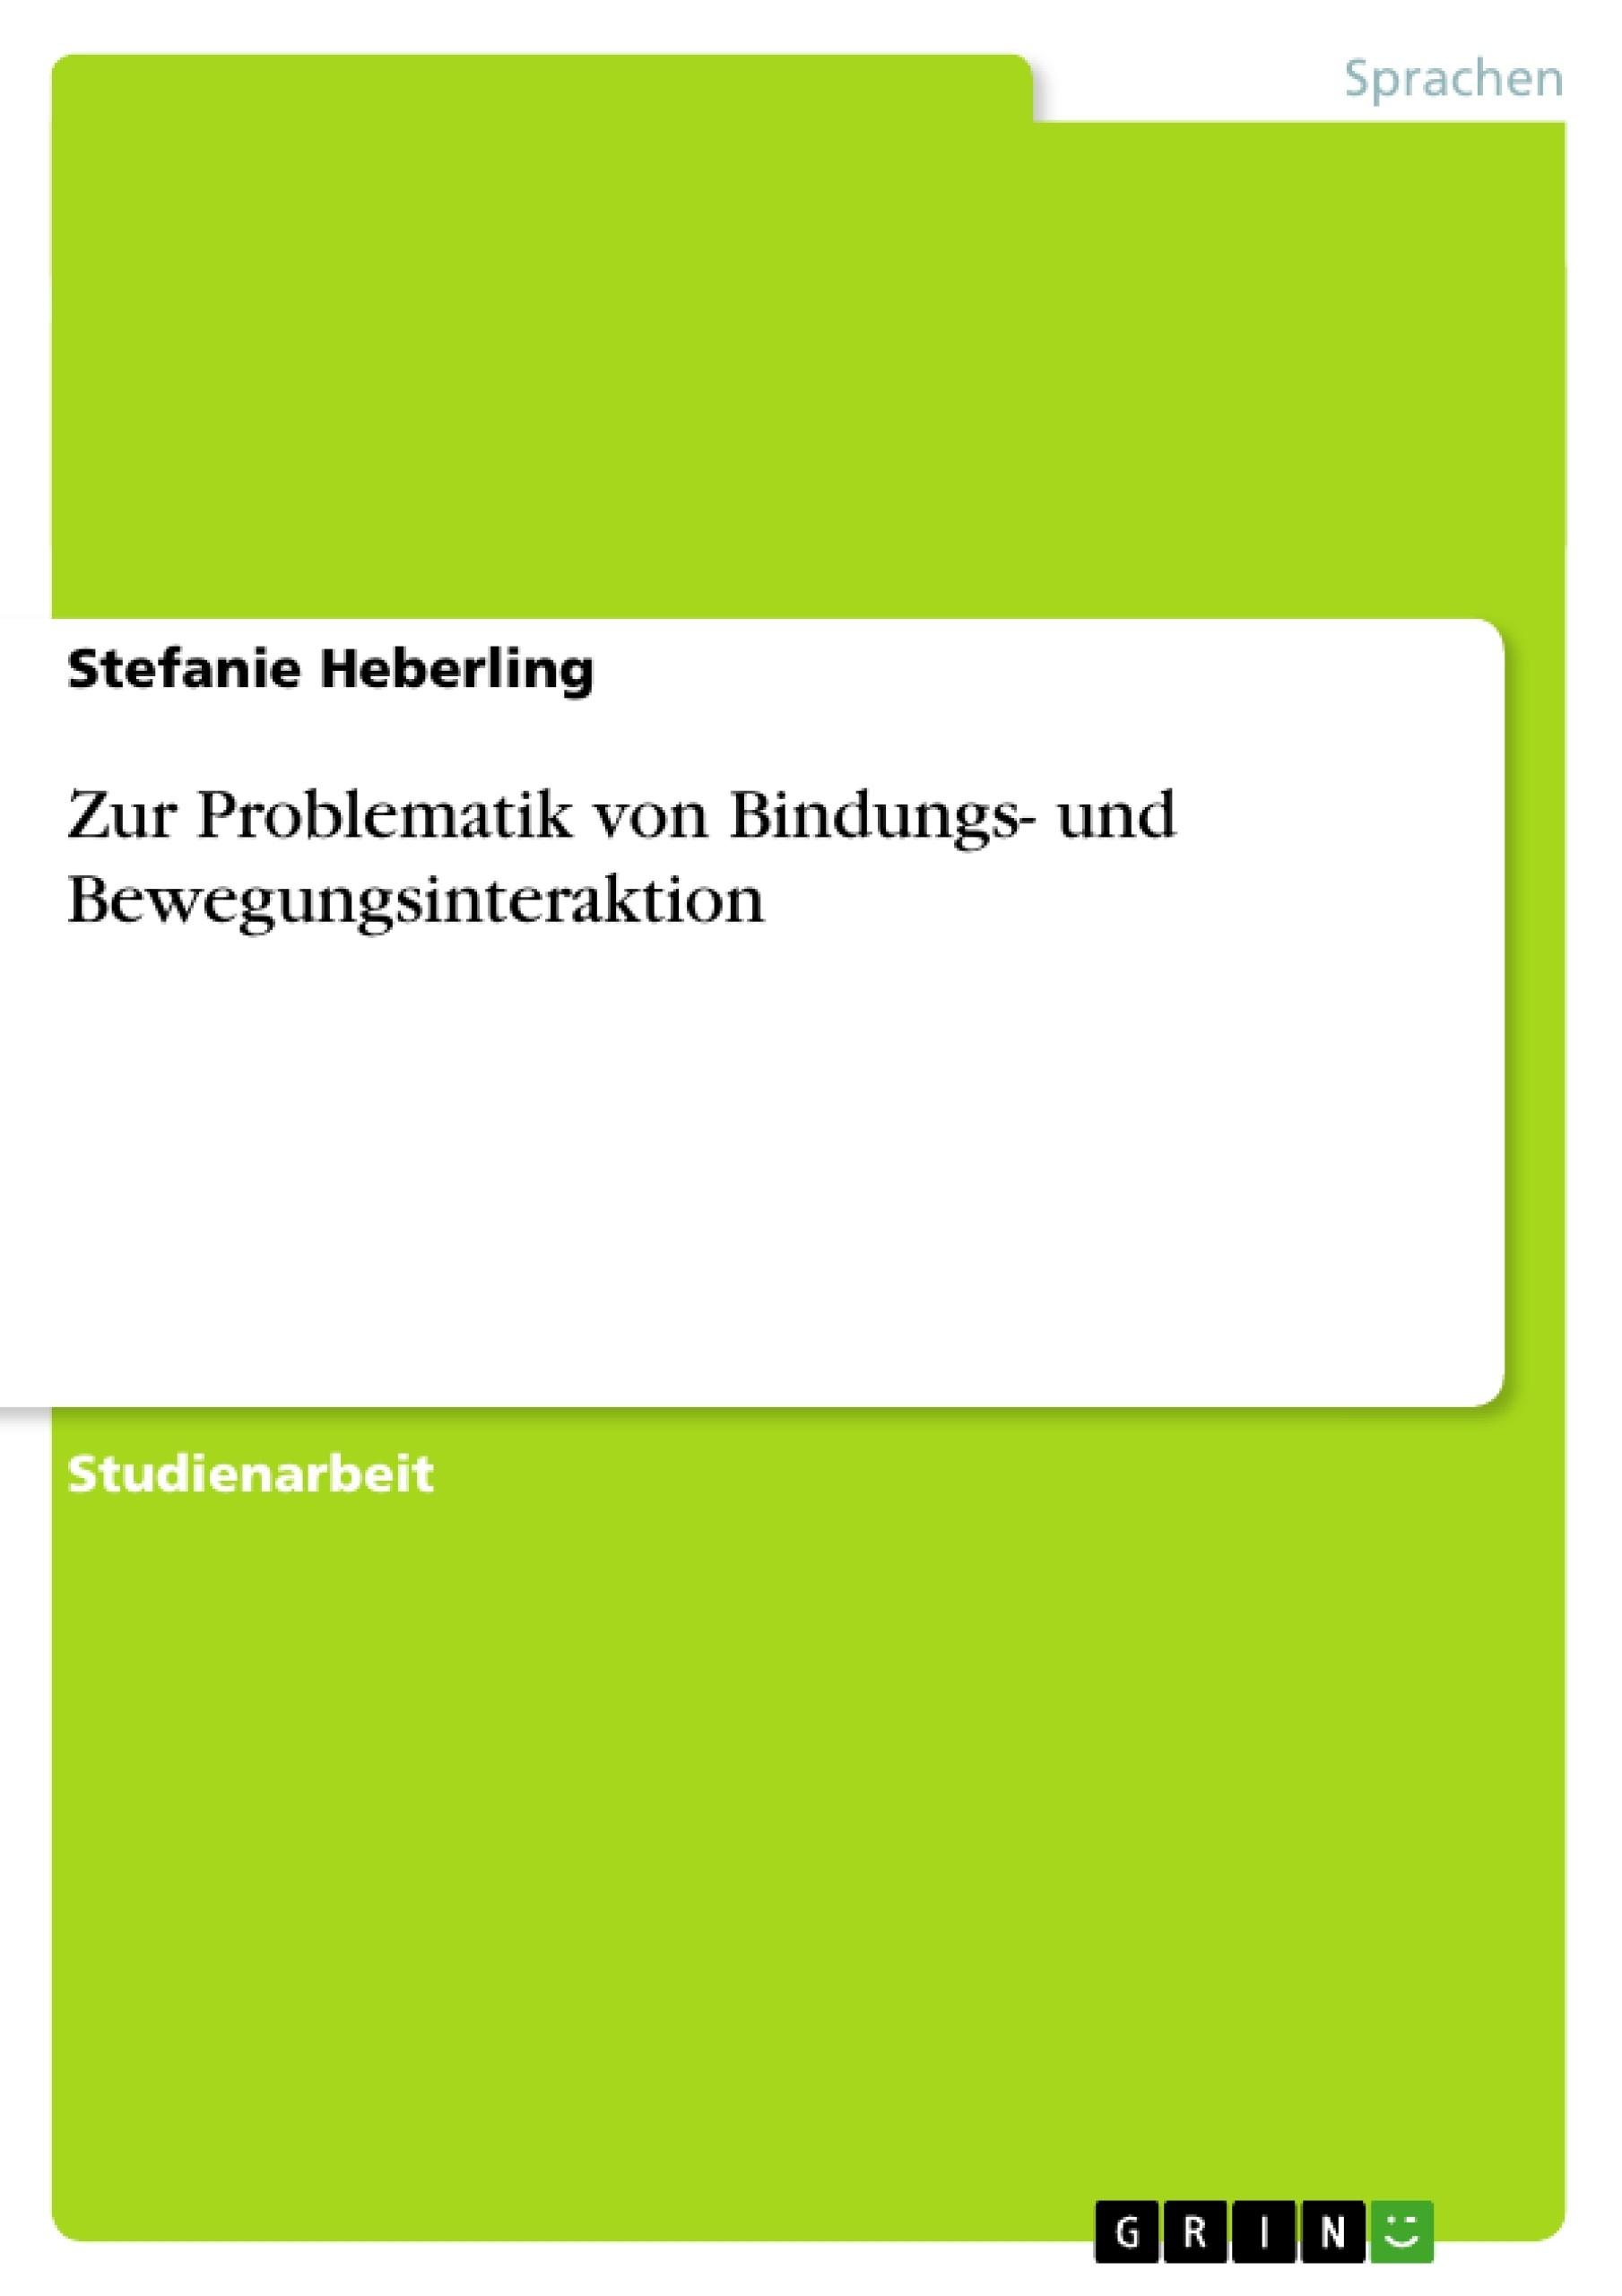 Titel: Zur Problematik von Bindungs- und Bewegungsinteraktion